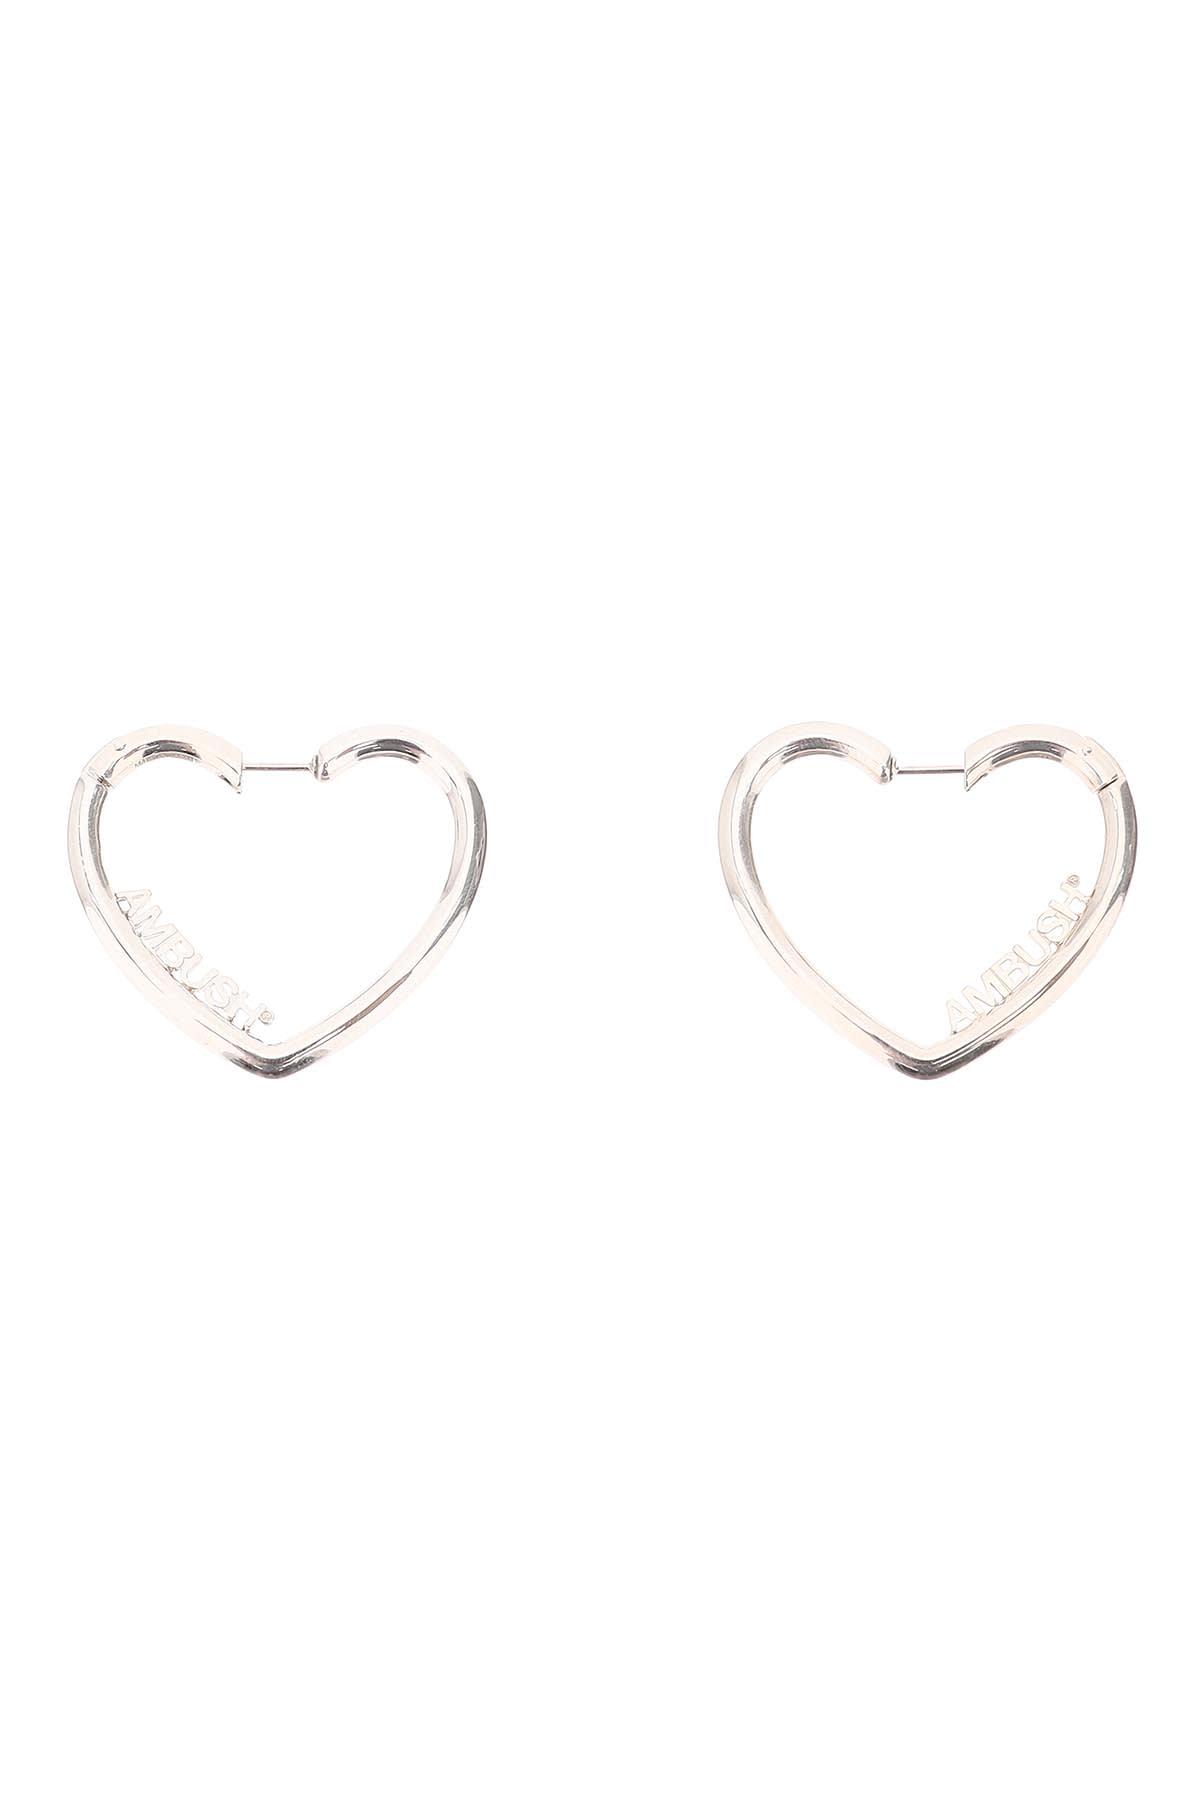 AMBUSH Ladies Small Heart Hoop Earrings